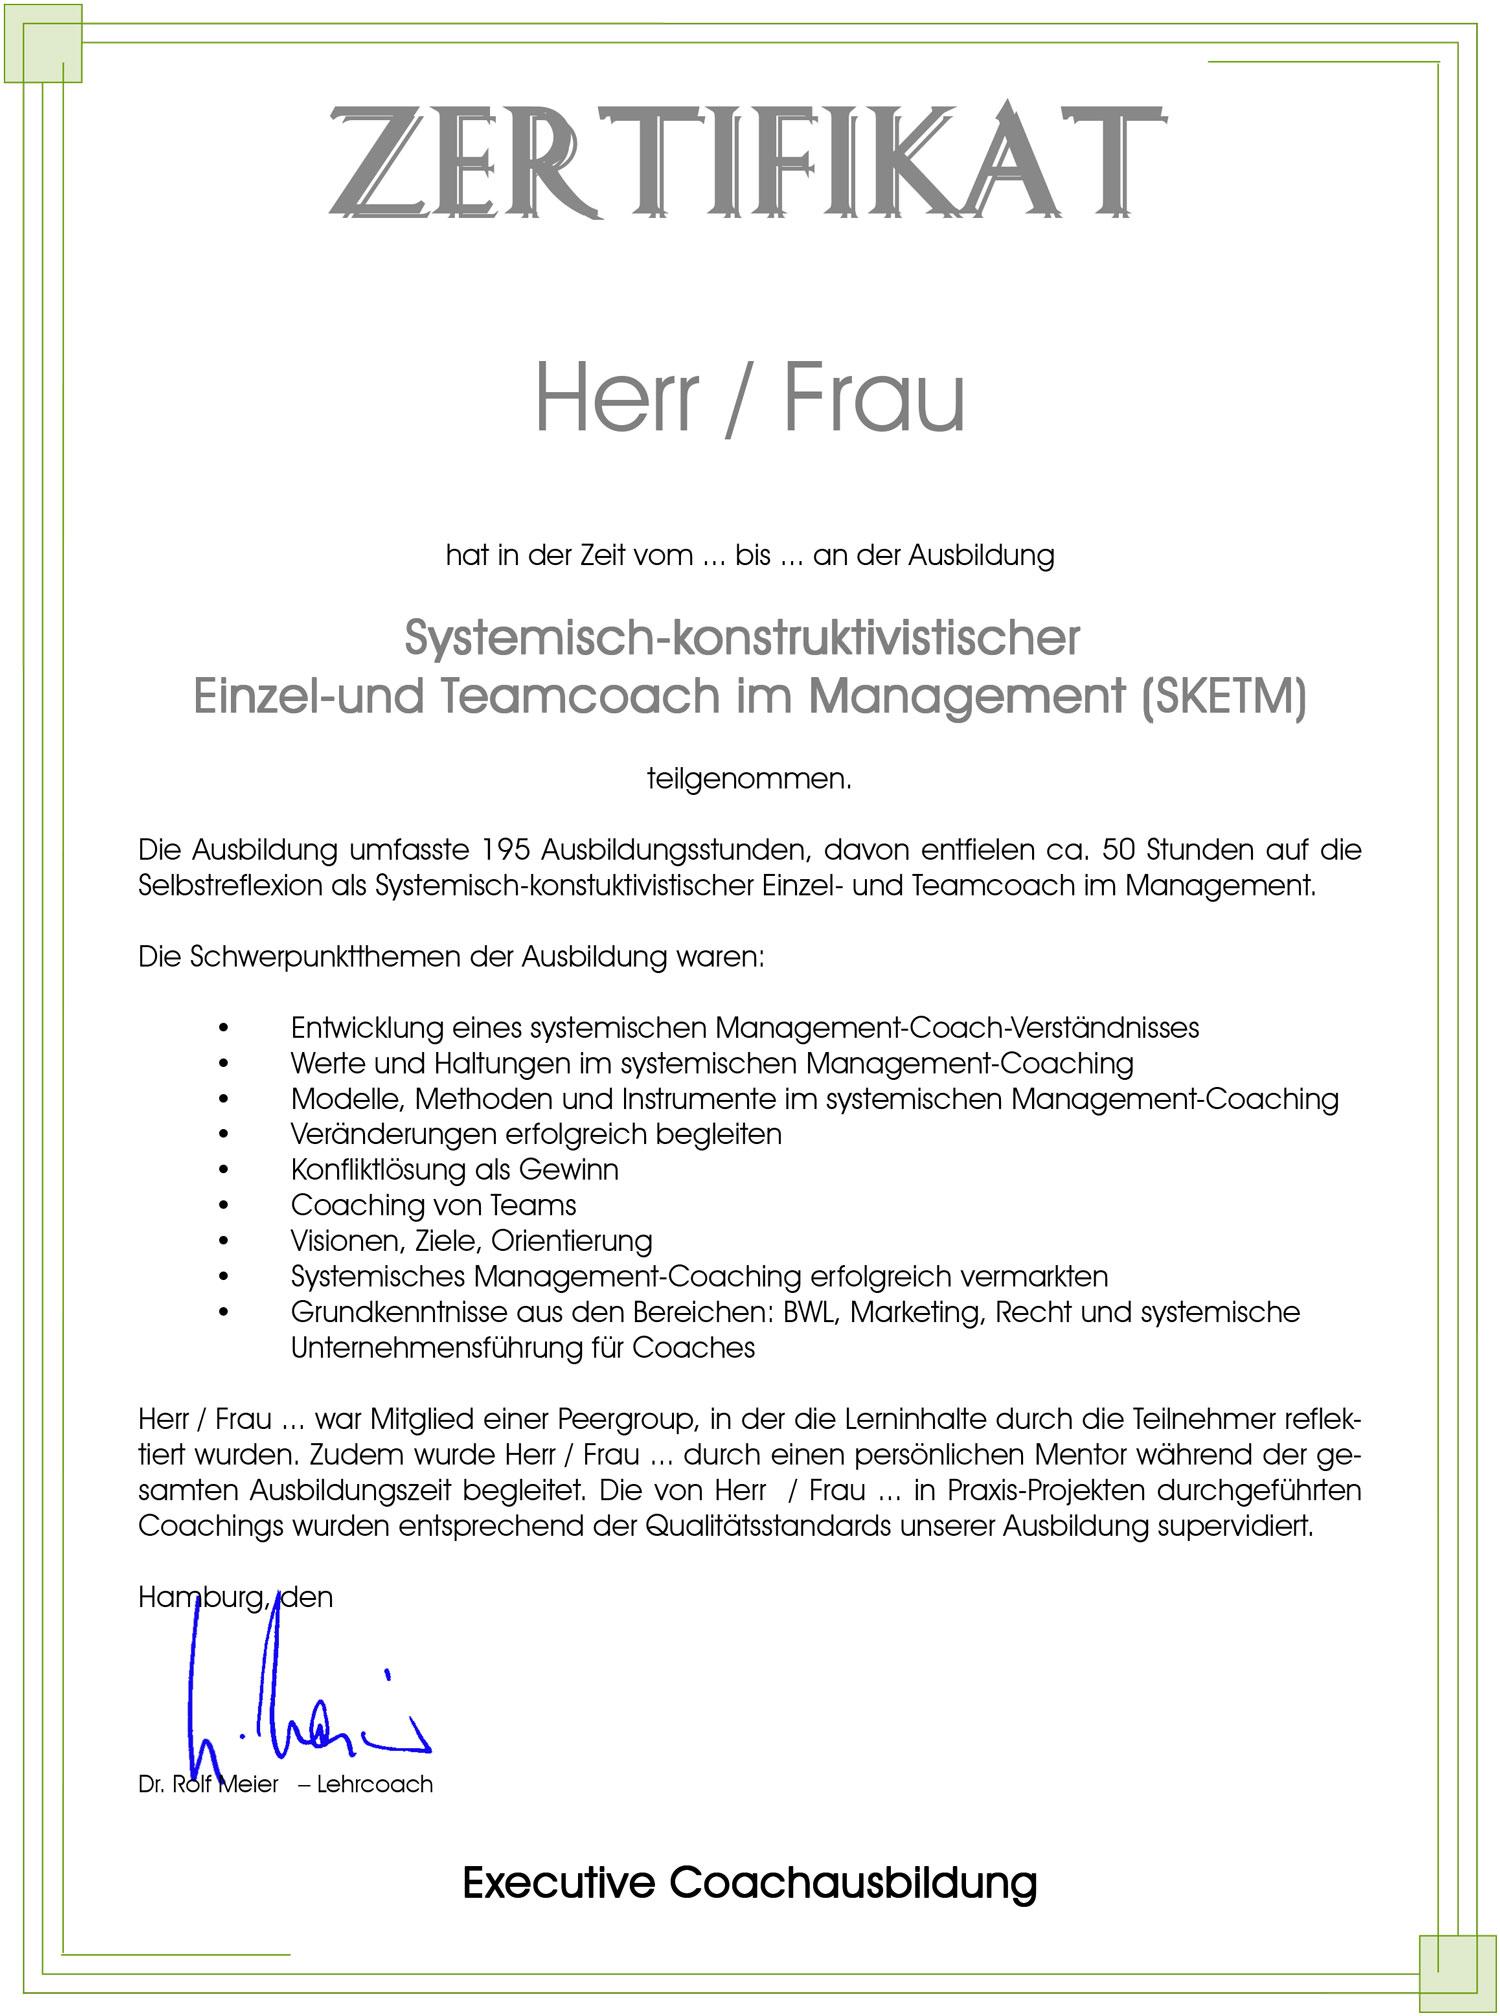 Systemische Coachausbildung nach der Hamburger Schule: Ihre Coach ...